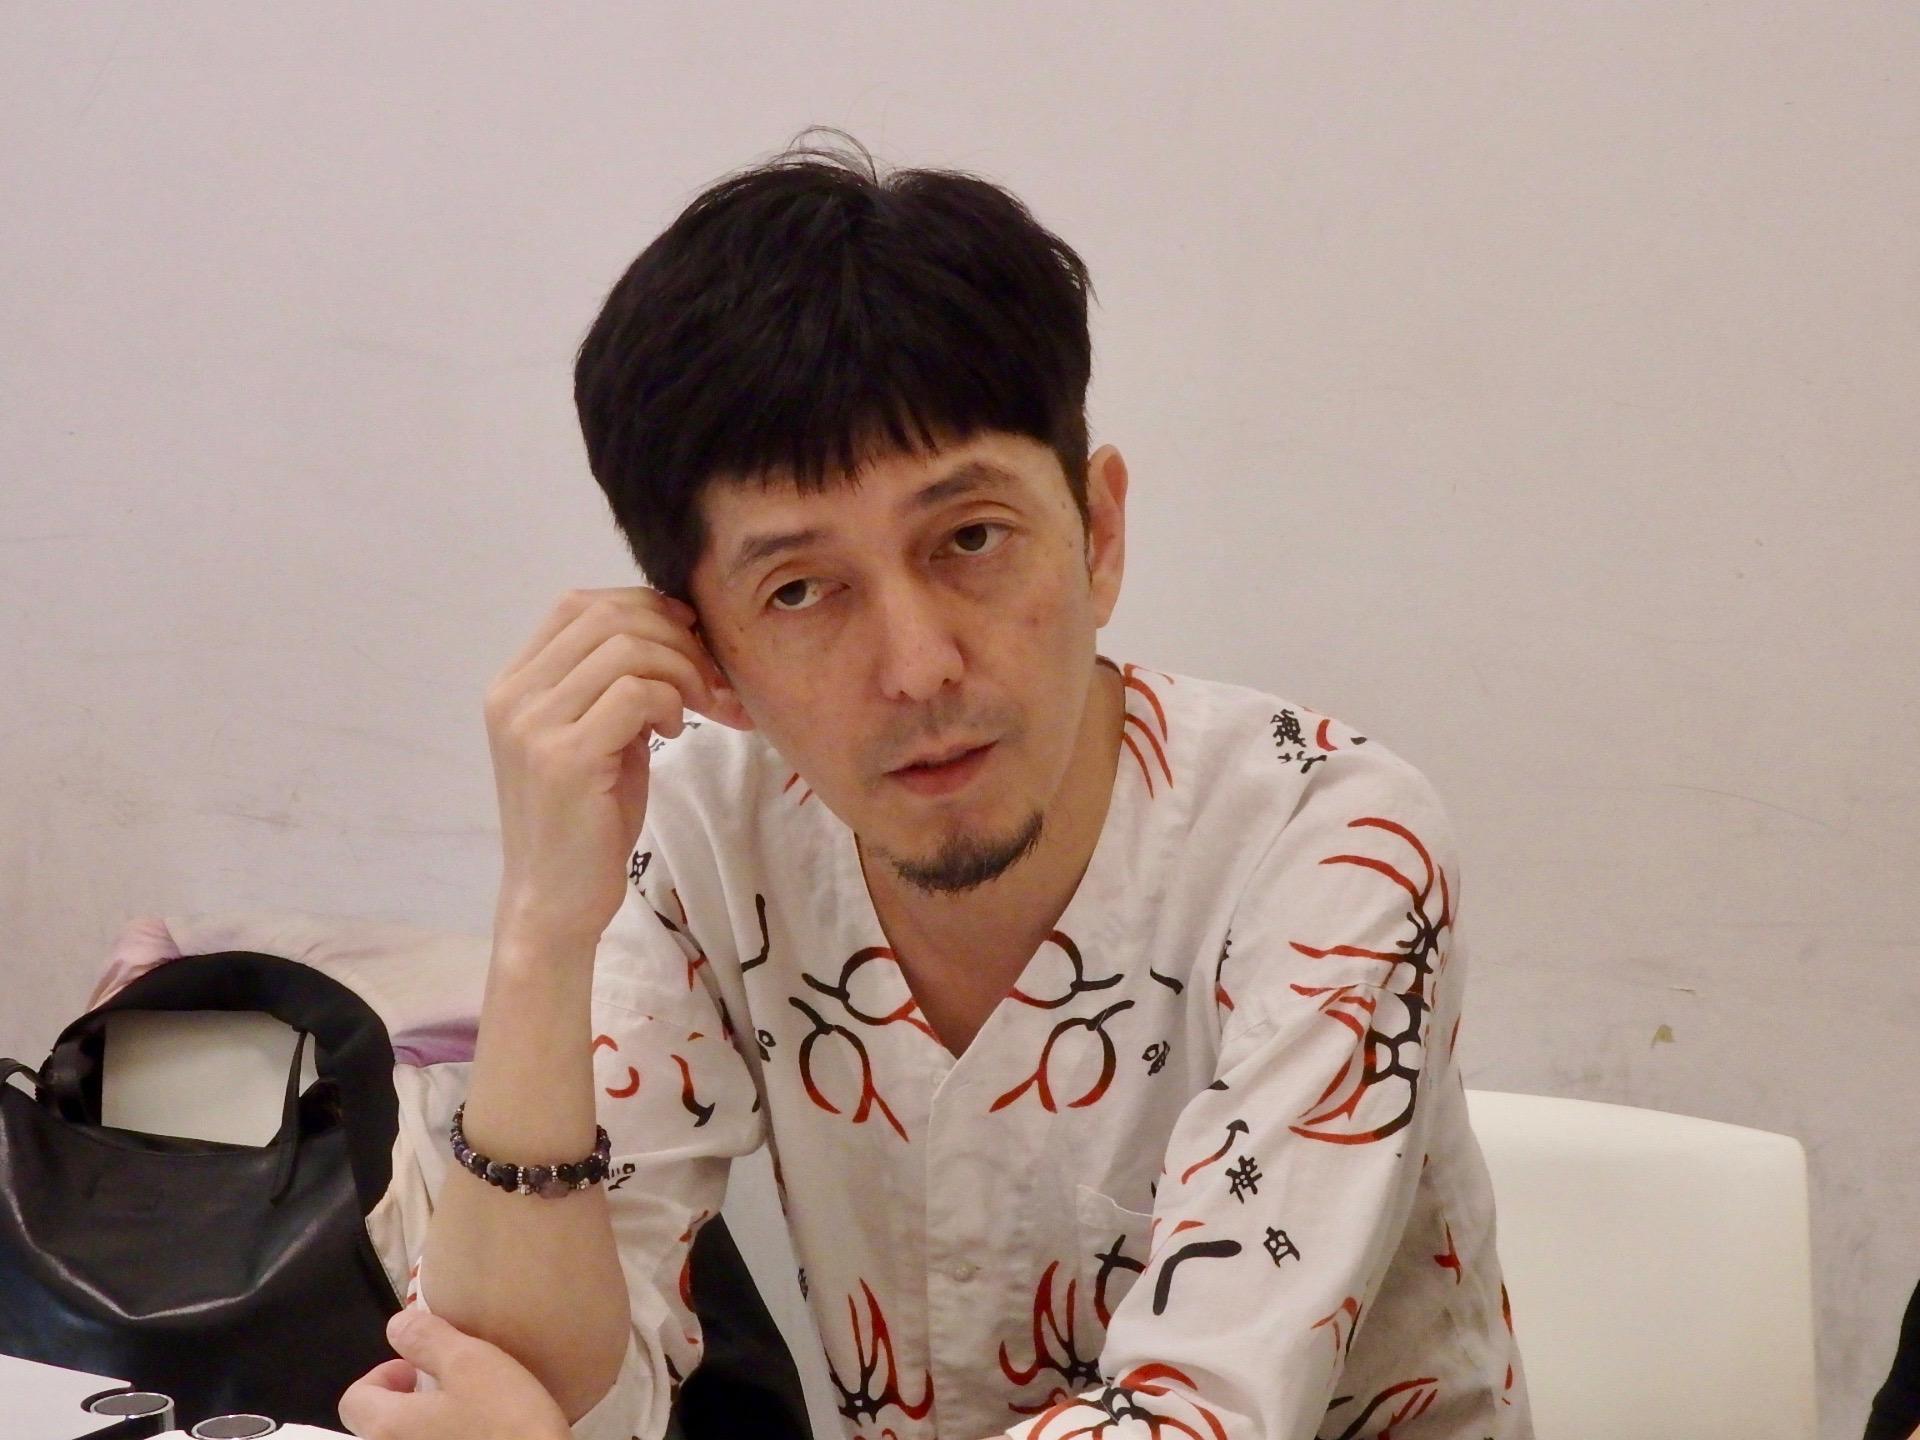 http://news.yoshimoto.co.jp/20181219055533-b347584e56f776b1adb6b80c4ff67b99de884bc7.jpeg